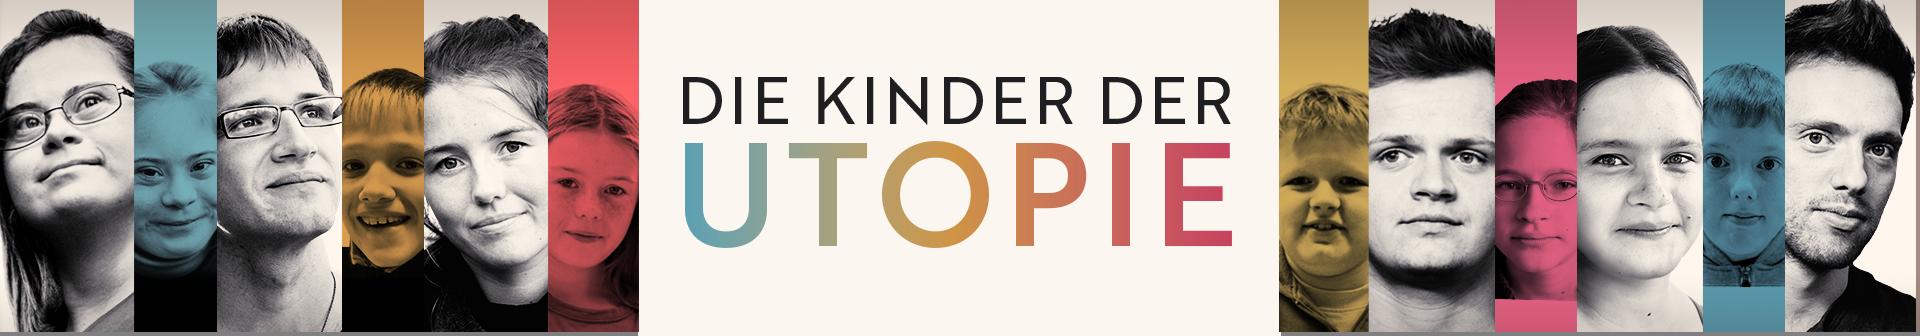 DIE KINDER DER UTOPIE banner